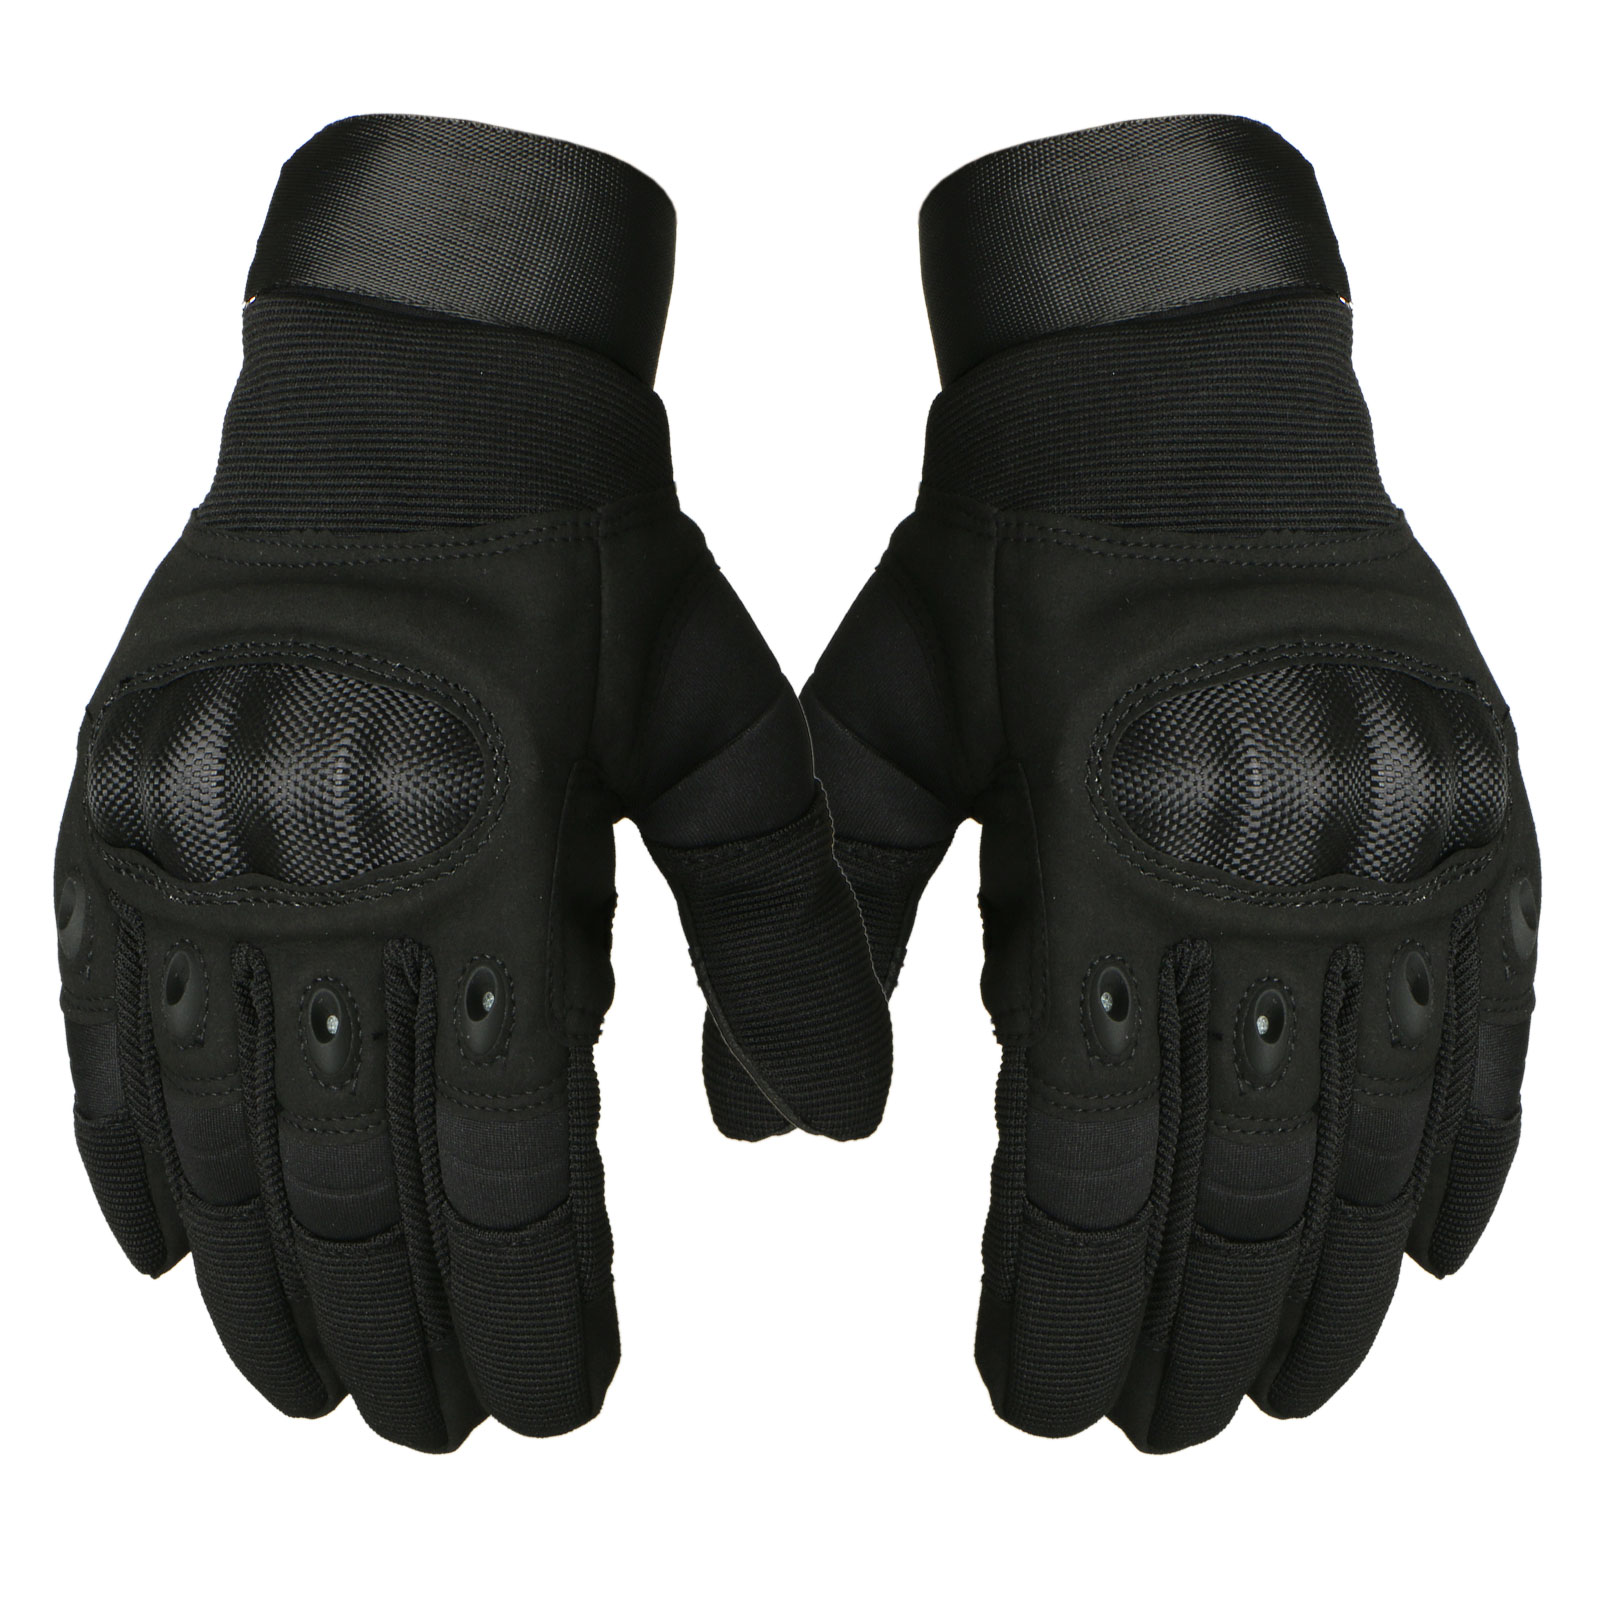 TSV Leather Touchscreen Motorcycle Motorbike Full Finger Riding Gloves for Men Women